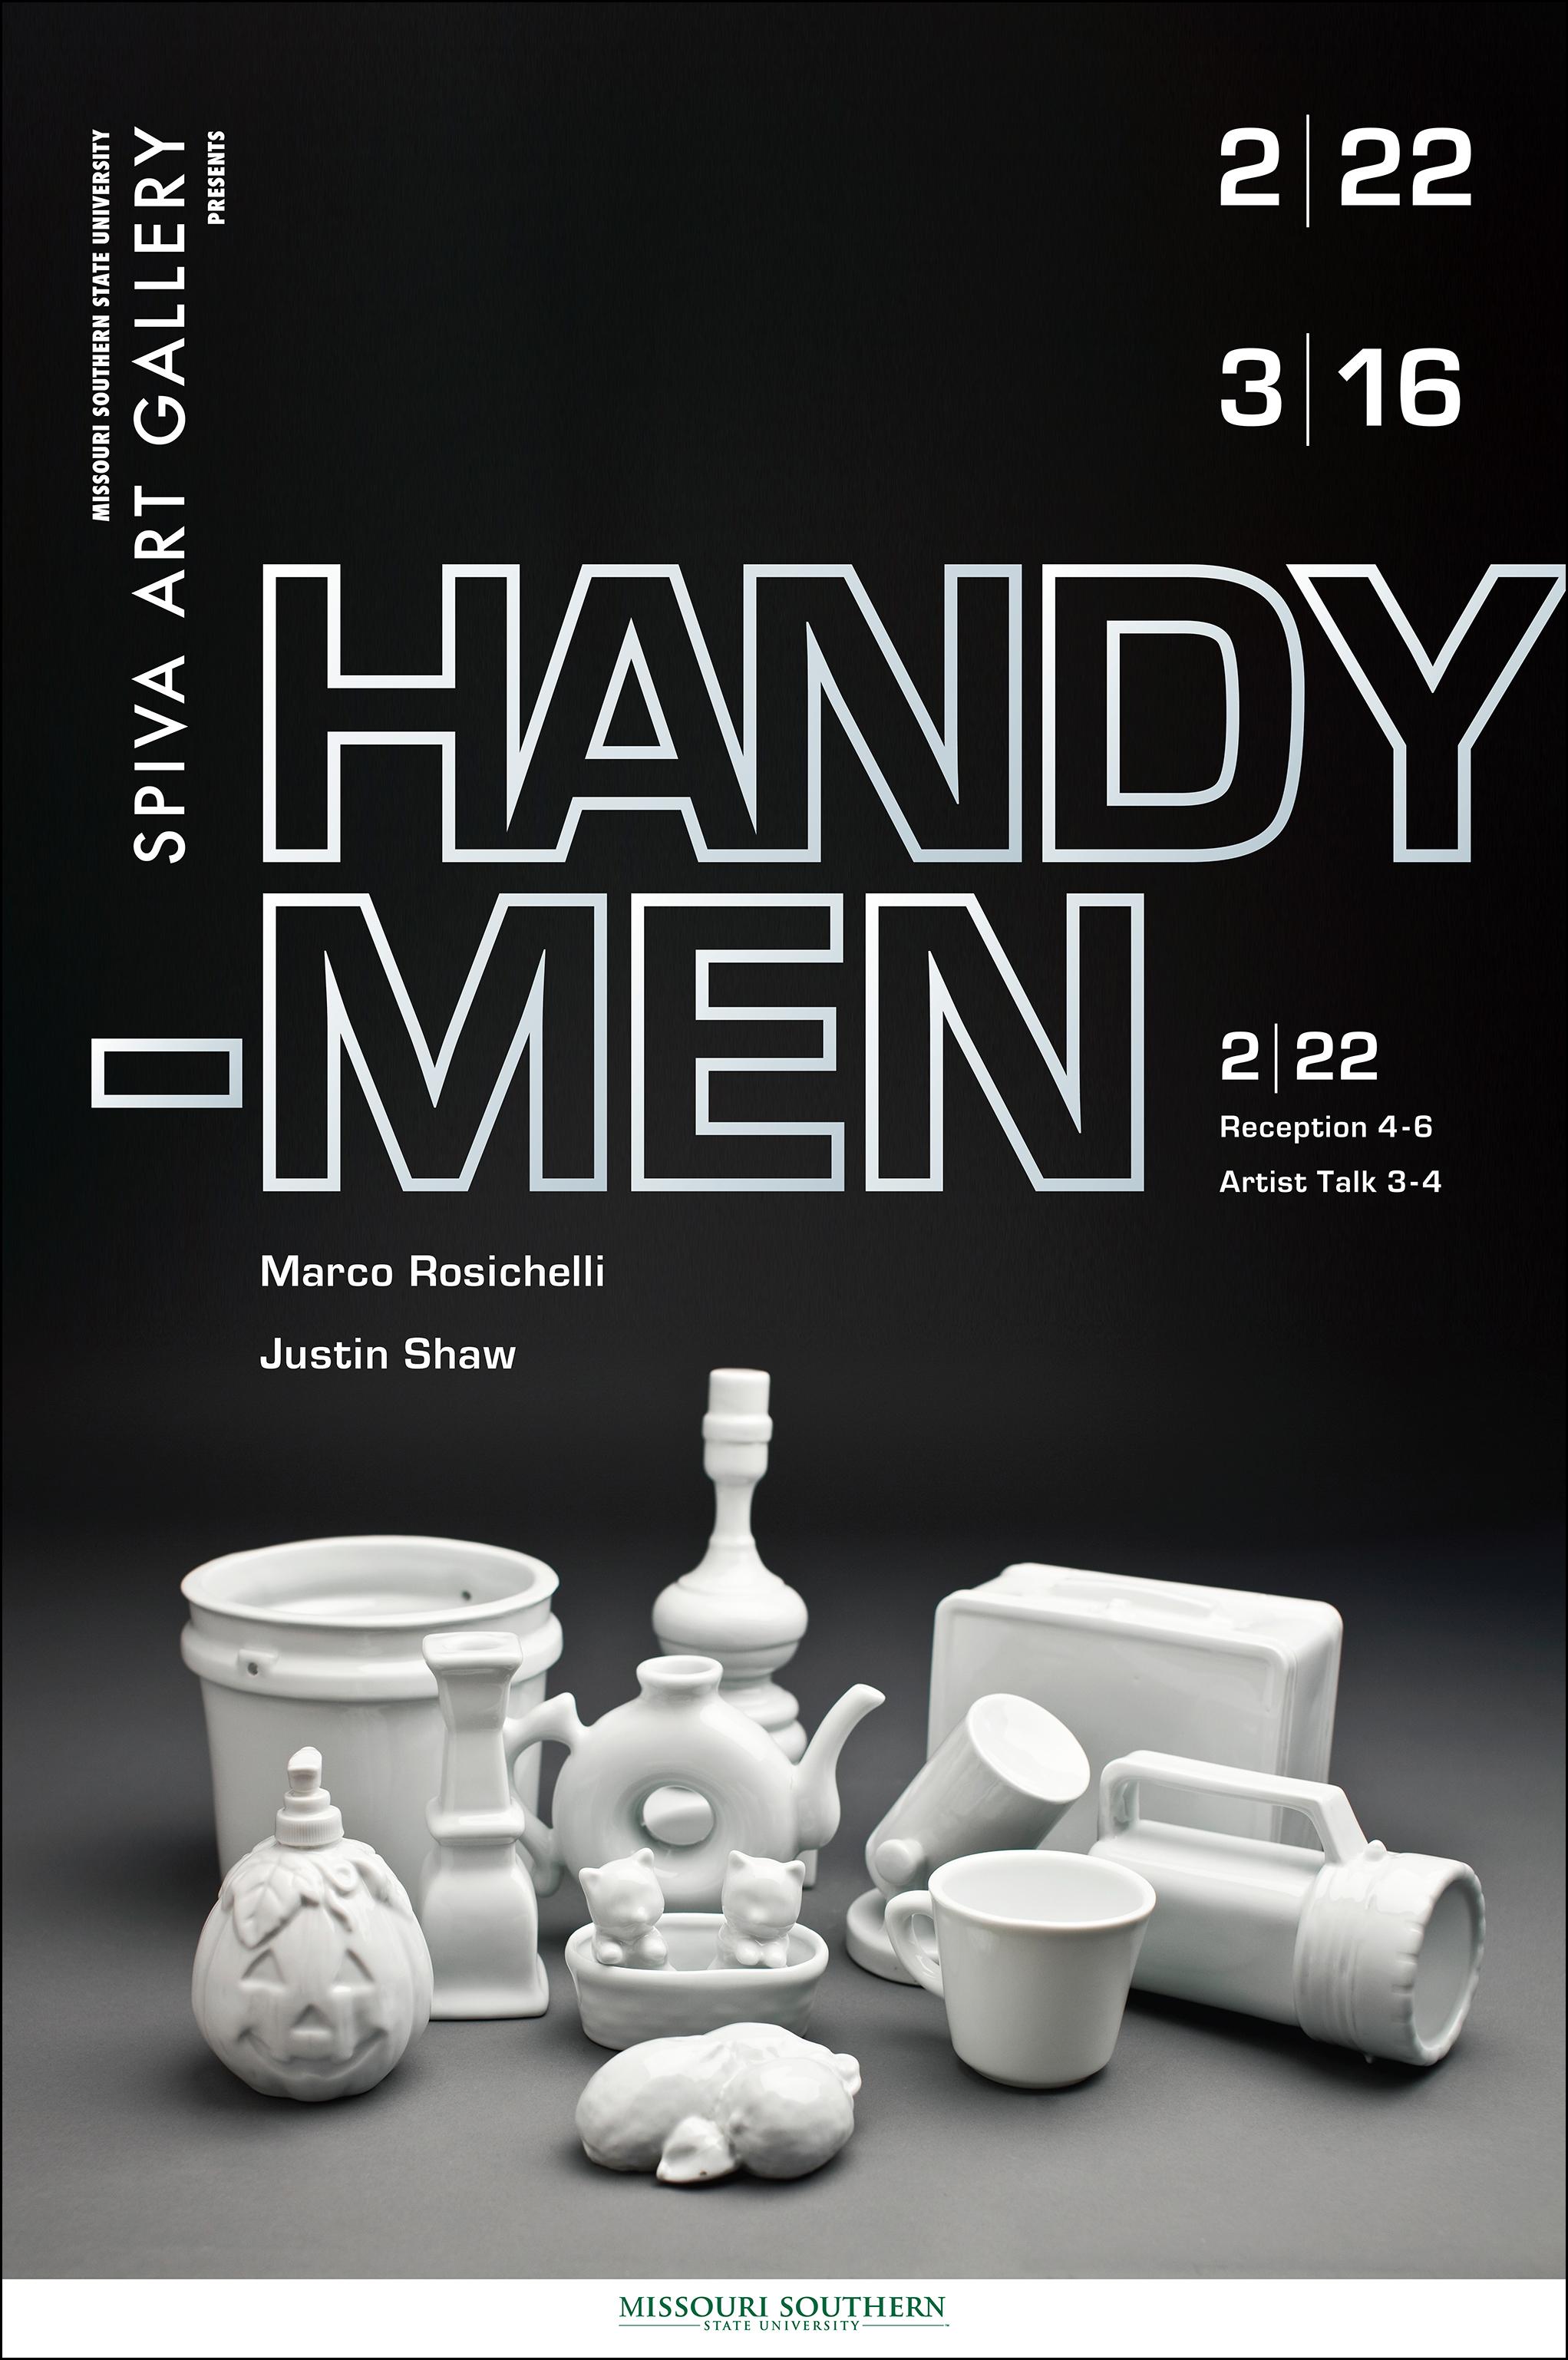 Marco Rosichelli & Justin Shaw, Handymen